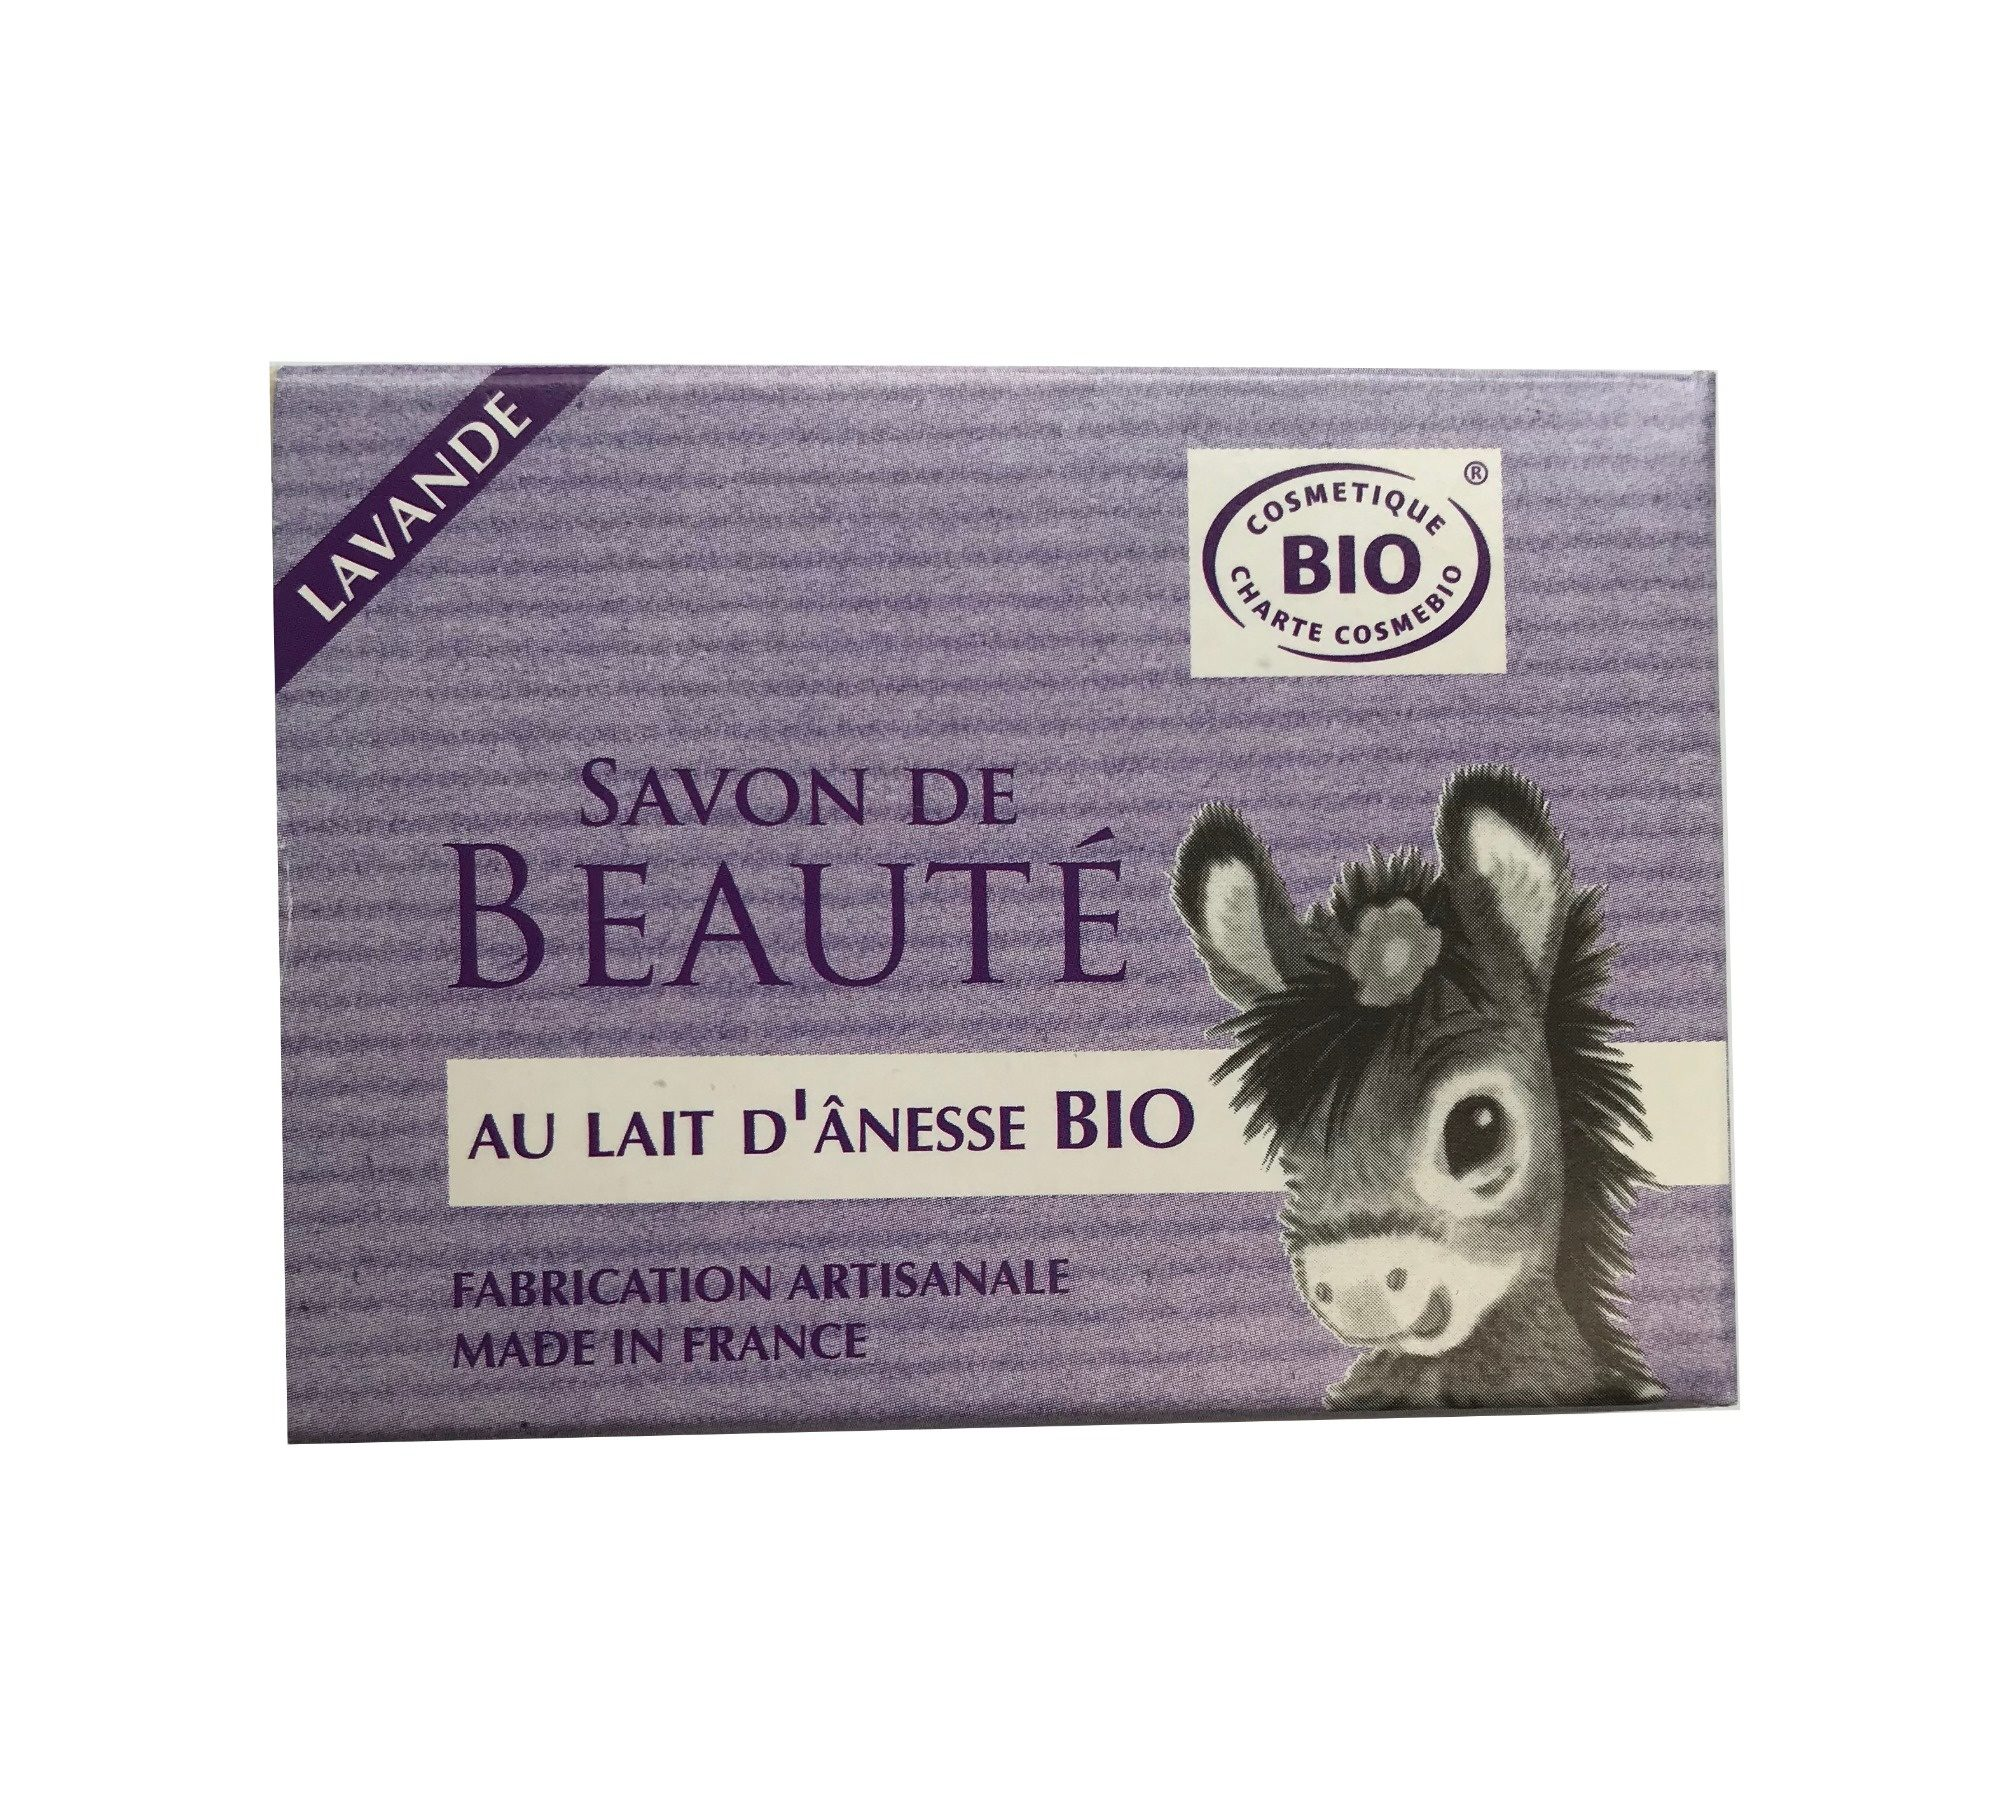 Savon de beauté lavande au lait d'ânesse bio - Product